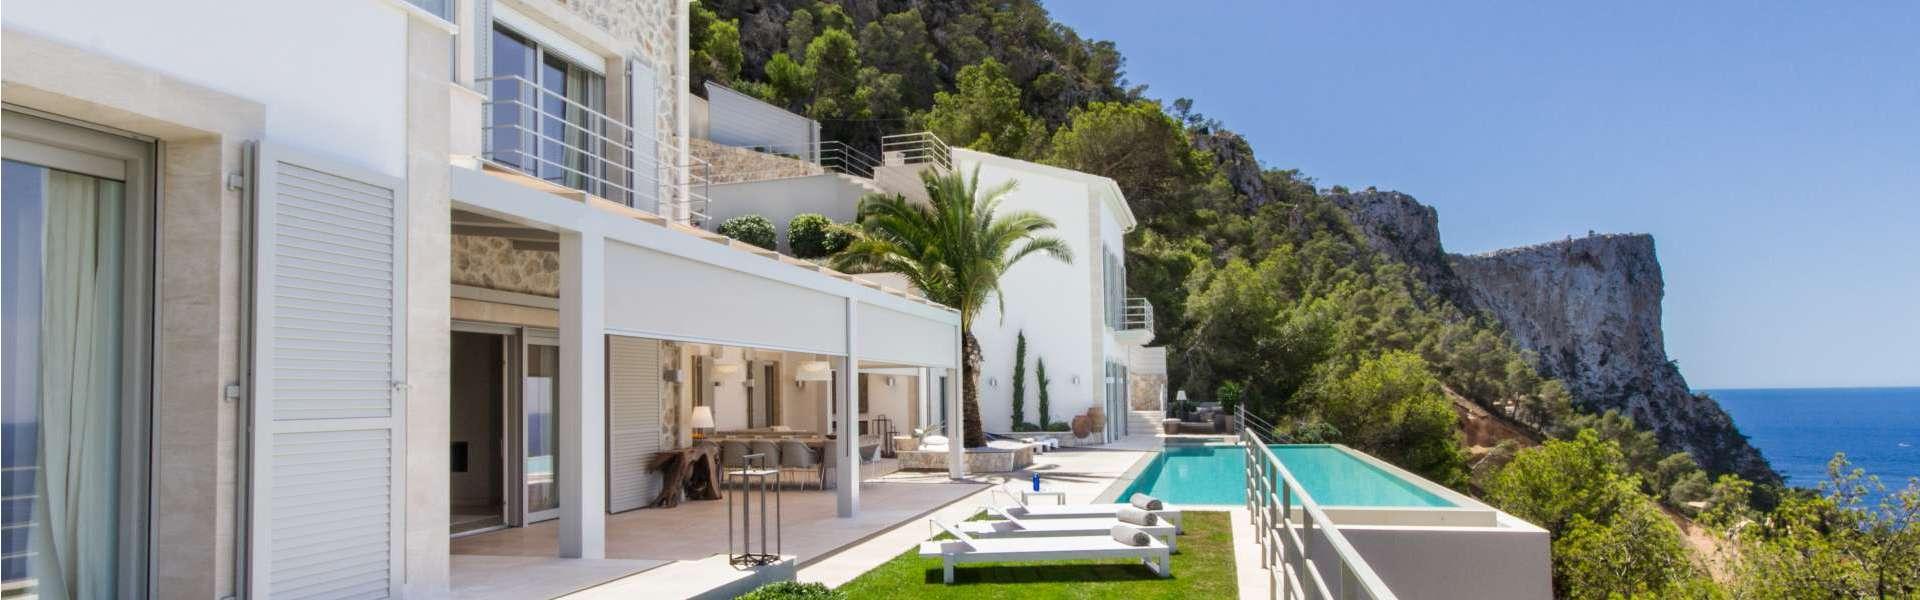 Luxury villa in spectacular location - Puerto de Andratx